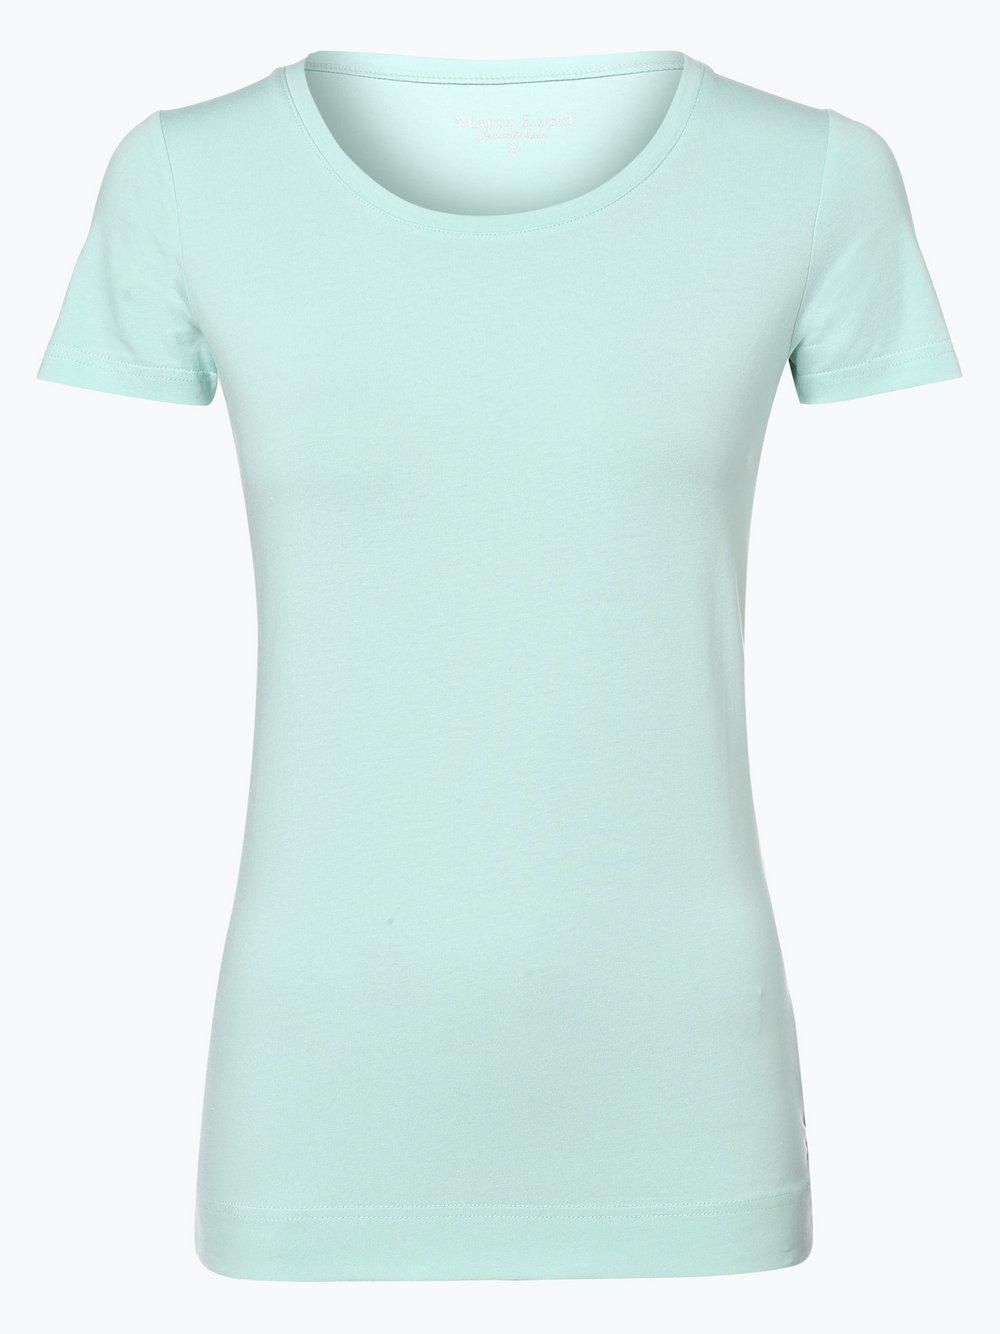 Marie Lund - T-shirt damski, zielony